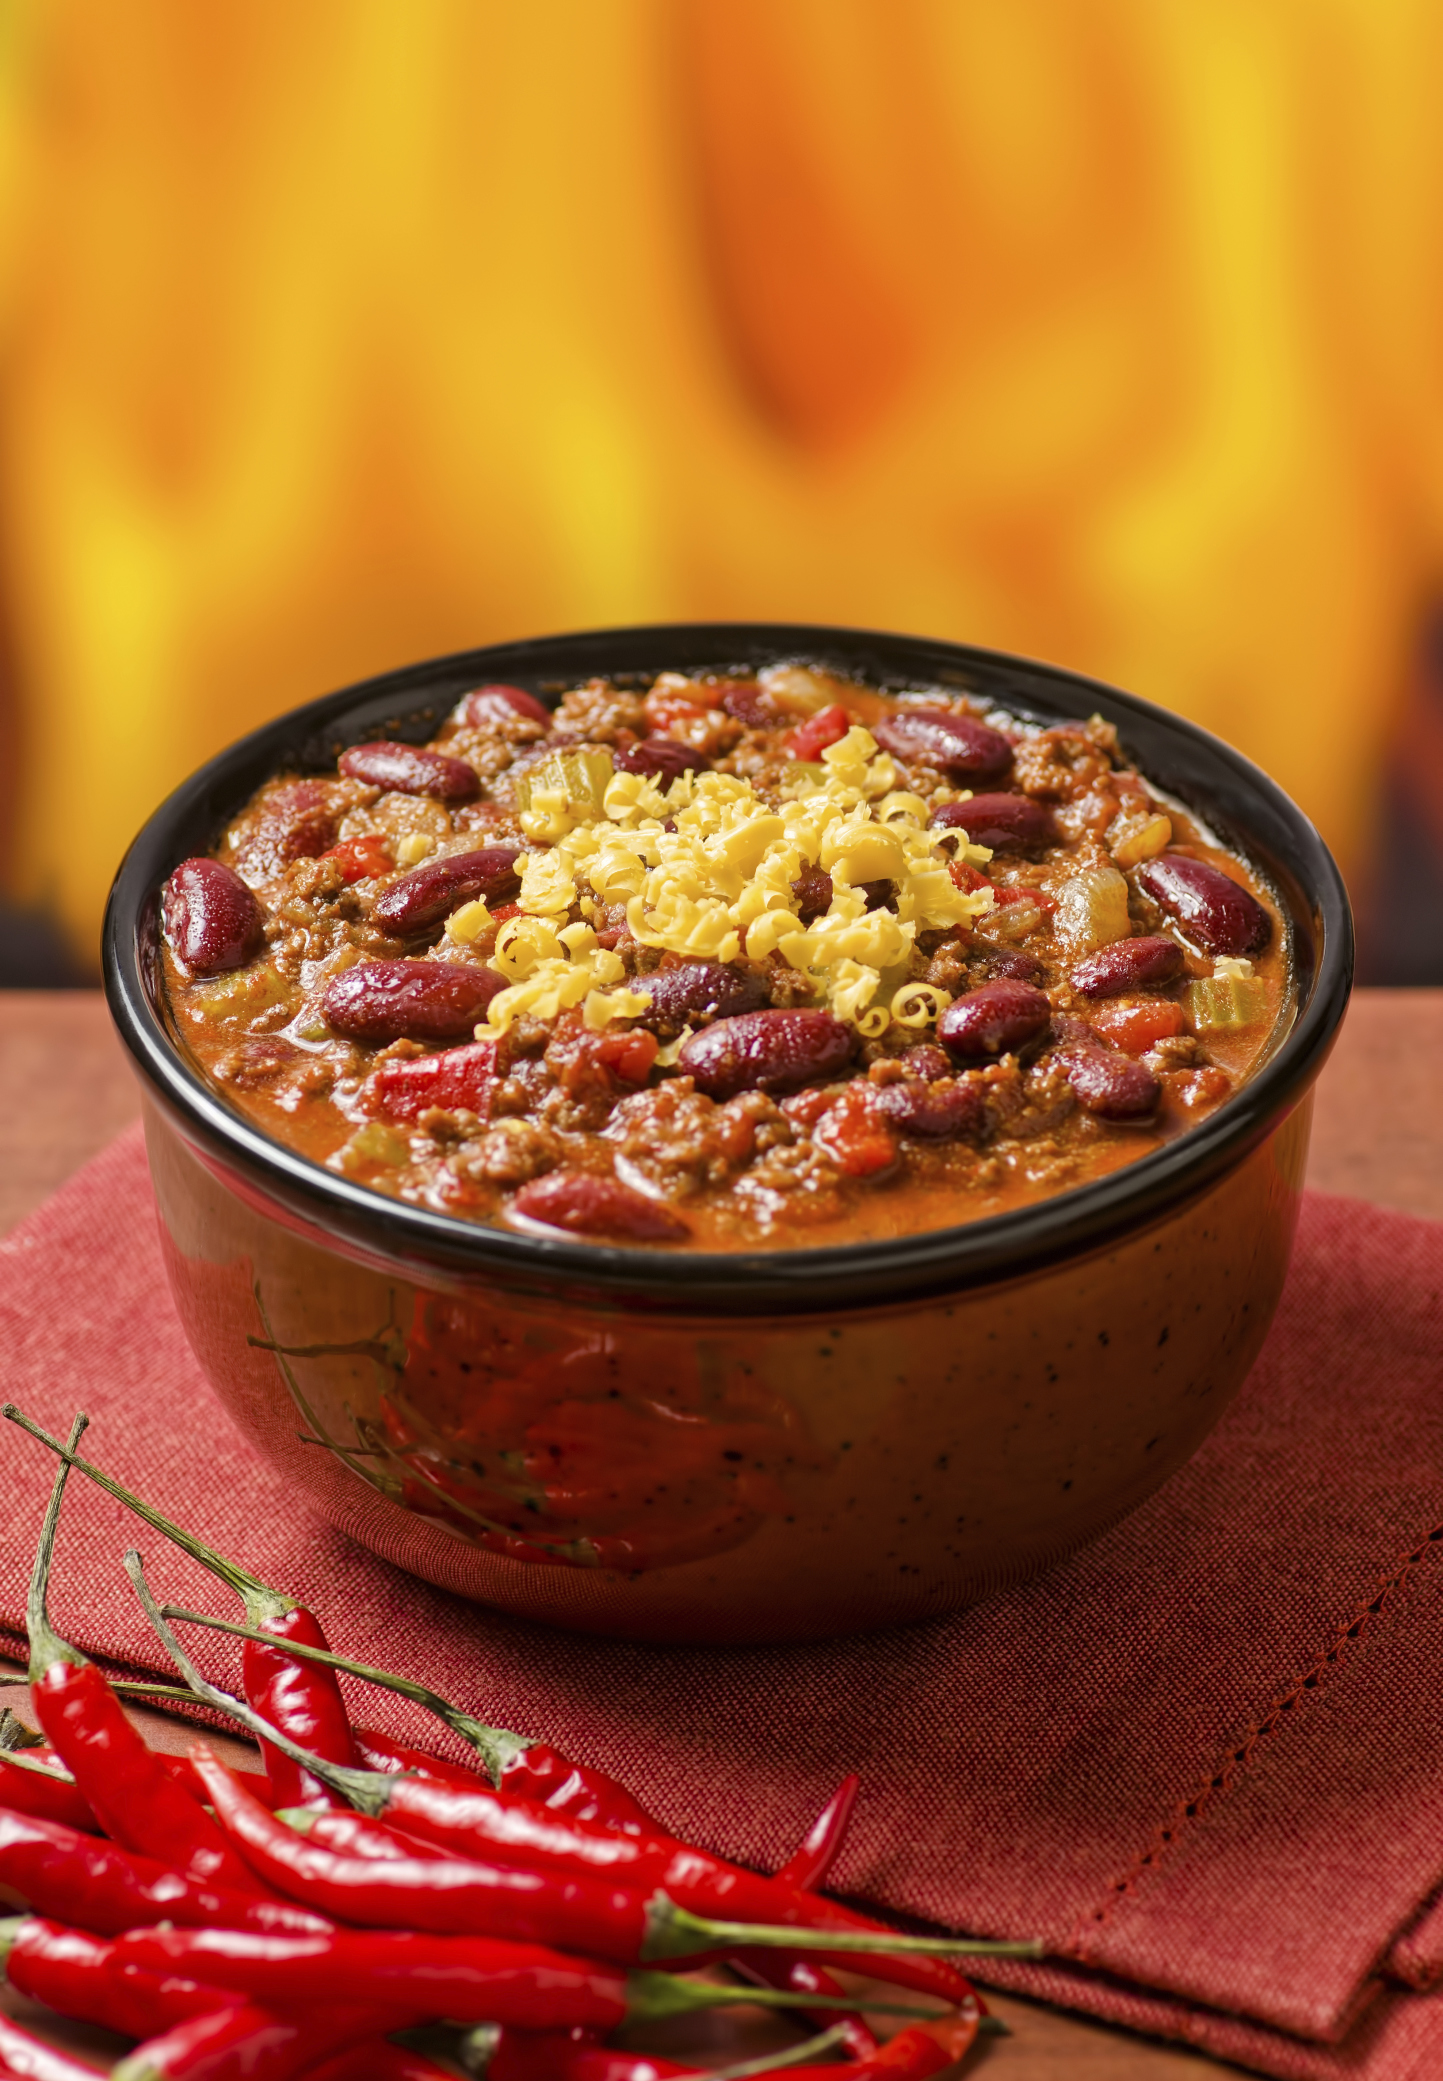 Receta de chili con carne exquisita